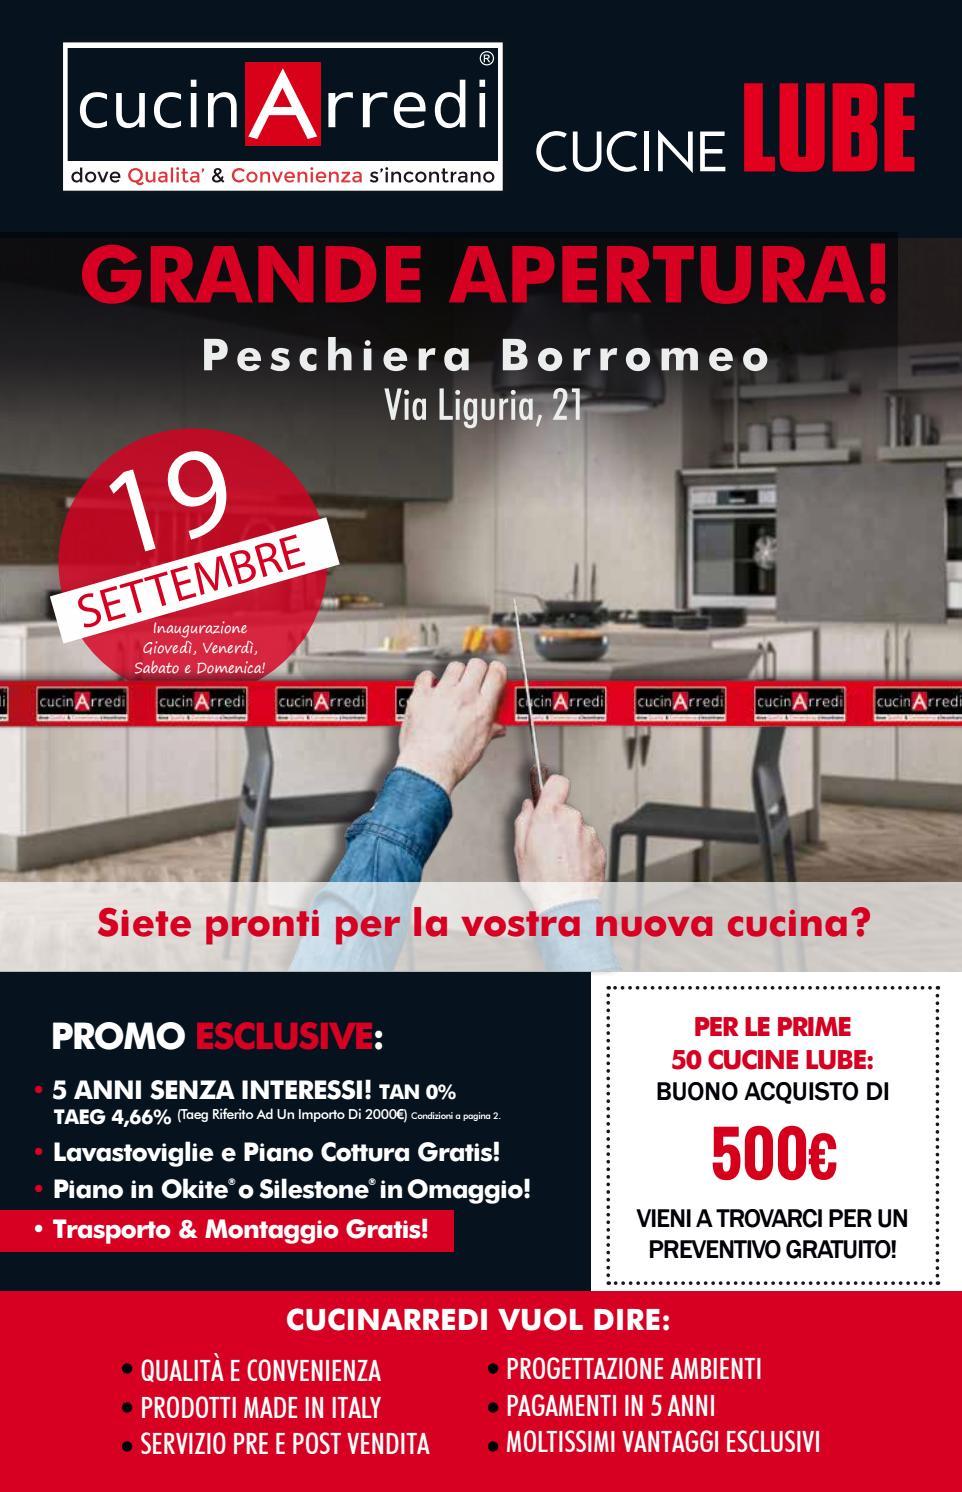 Grande Apertura Cucinarredi Peschiera Borromeo By Cucinarredi Issuu